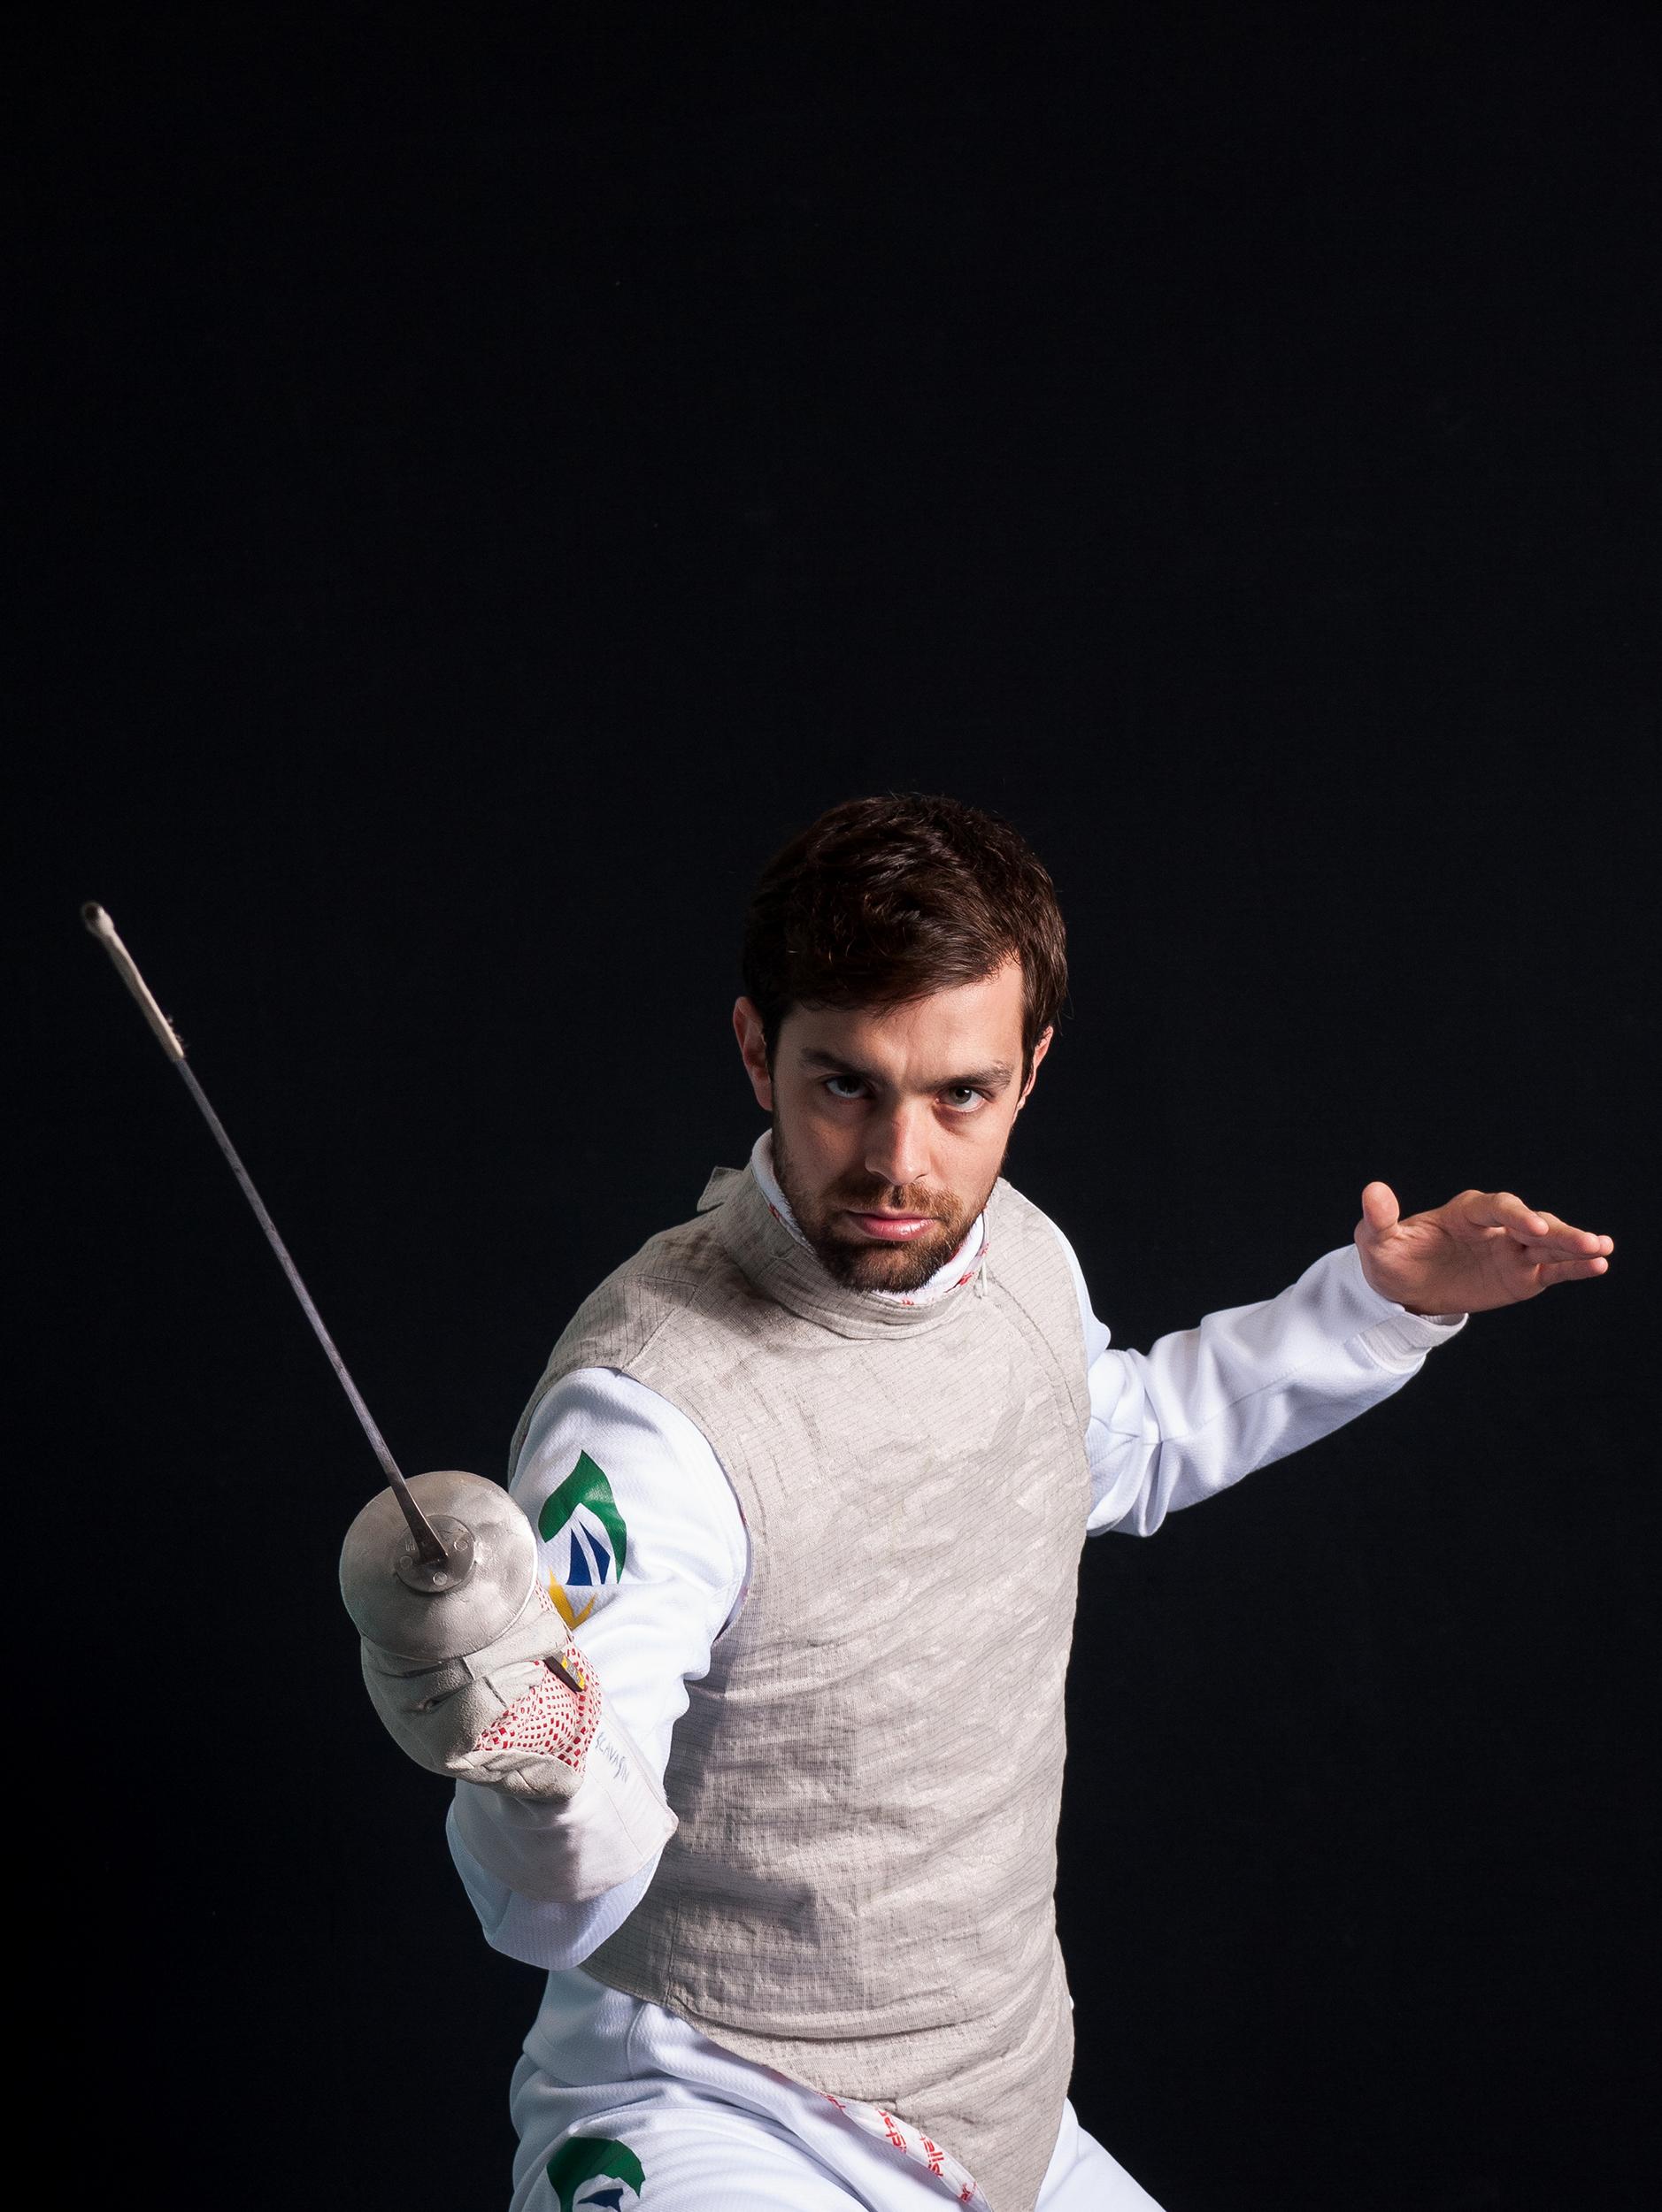 Fernando Scavasin, Fencing